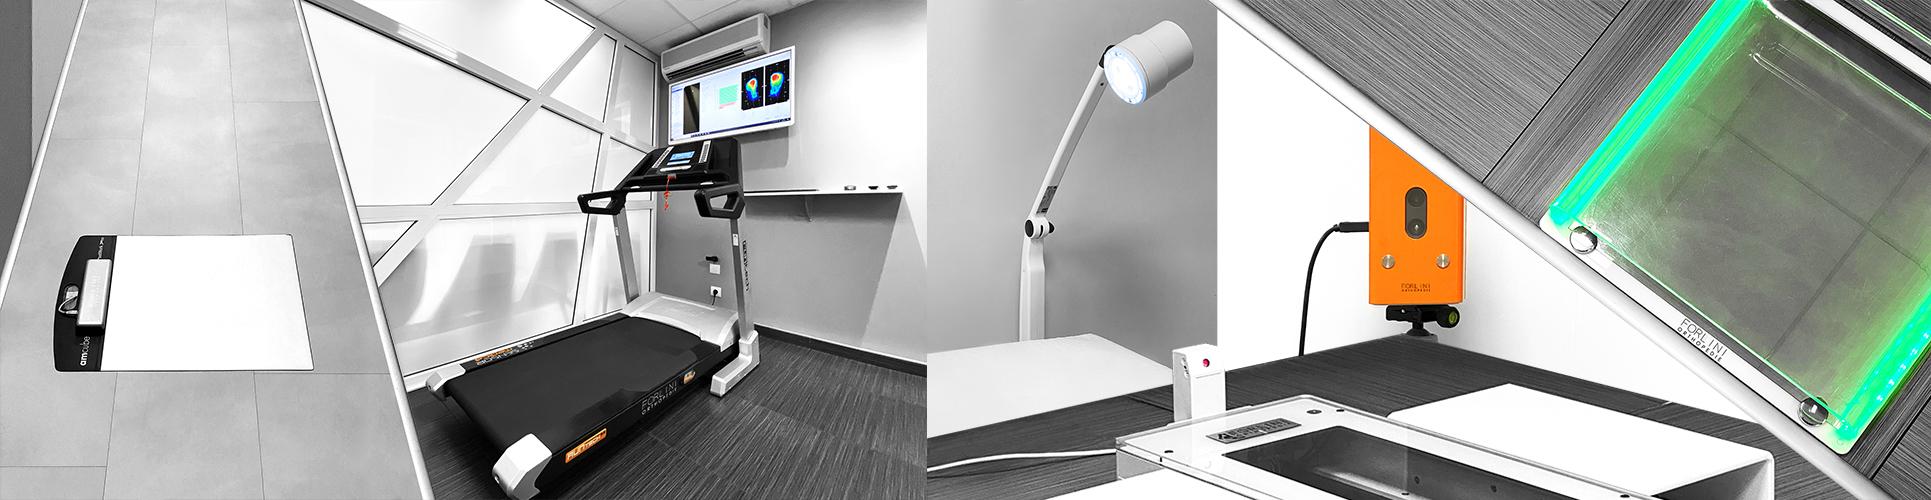 Examen podologique Forlini Orthopédie